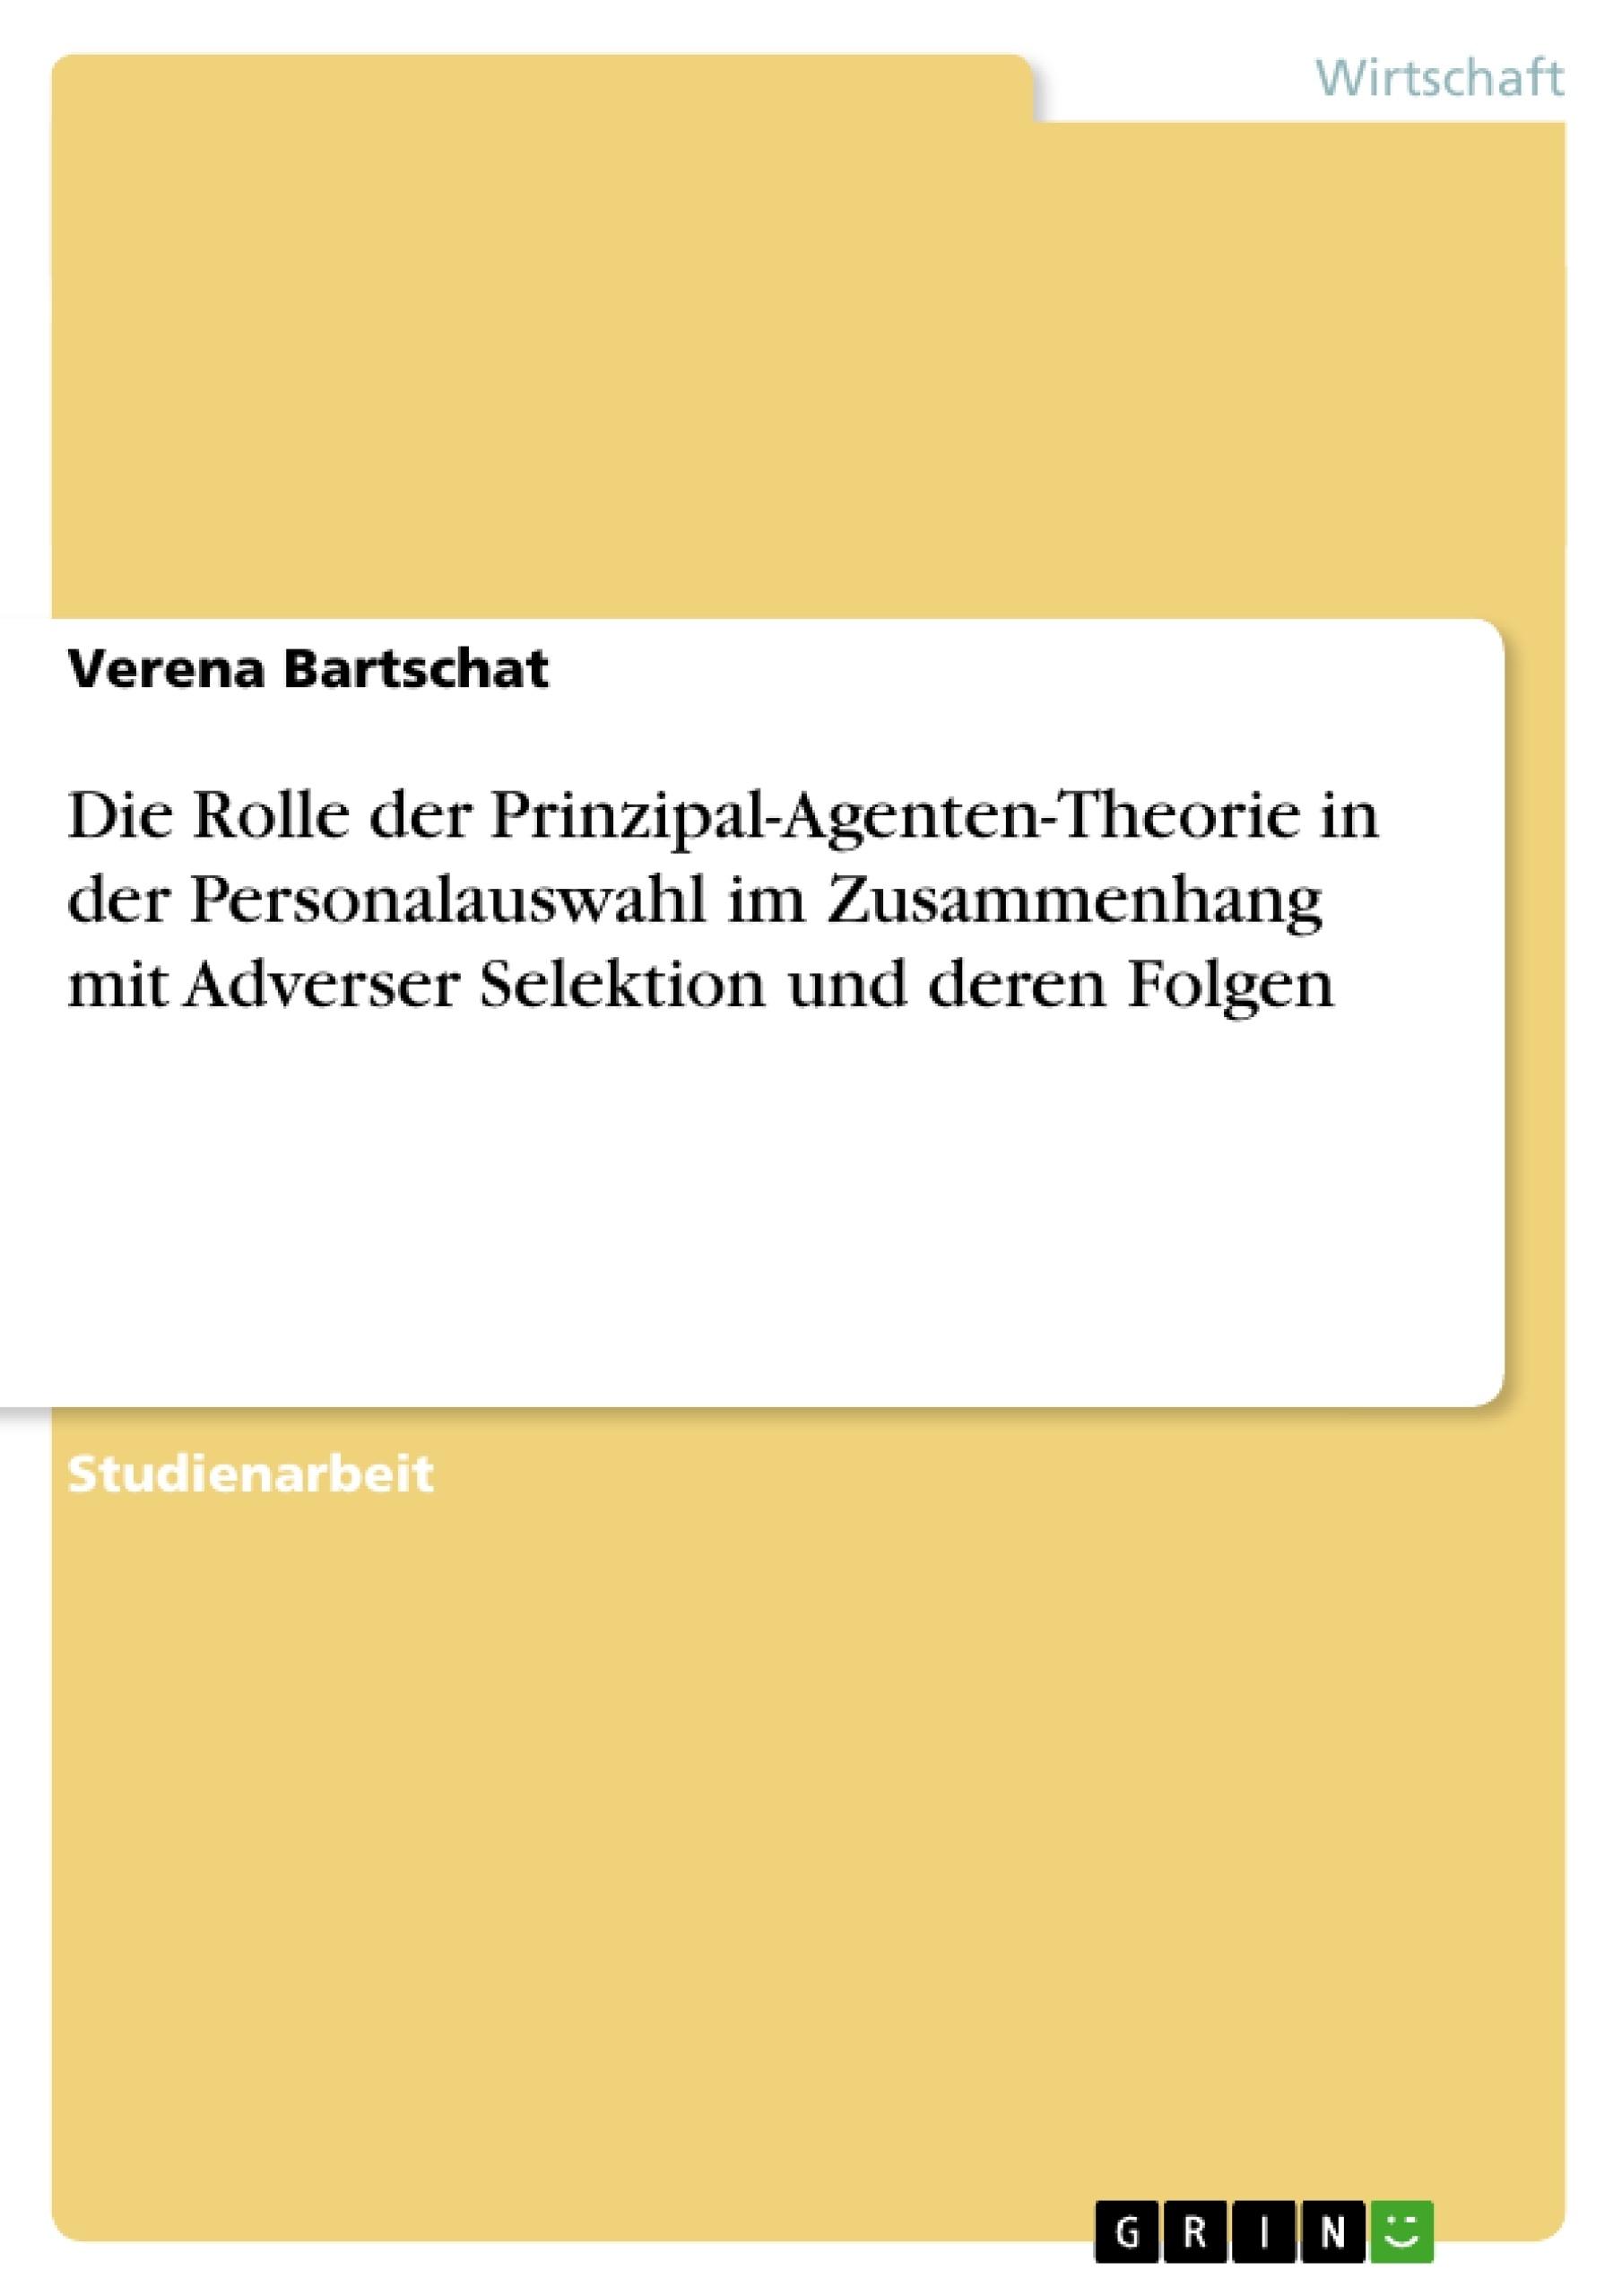 Titel: Die Rolle der Prinzipal-Agenten-Theorie in der Personalauswahl im Zusammenhang mit Adverser Selektion und deren Folgen